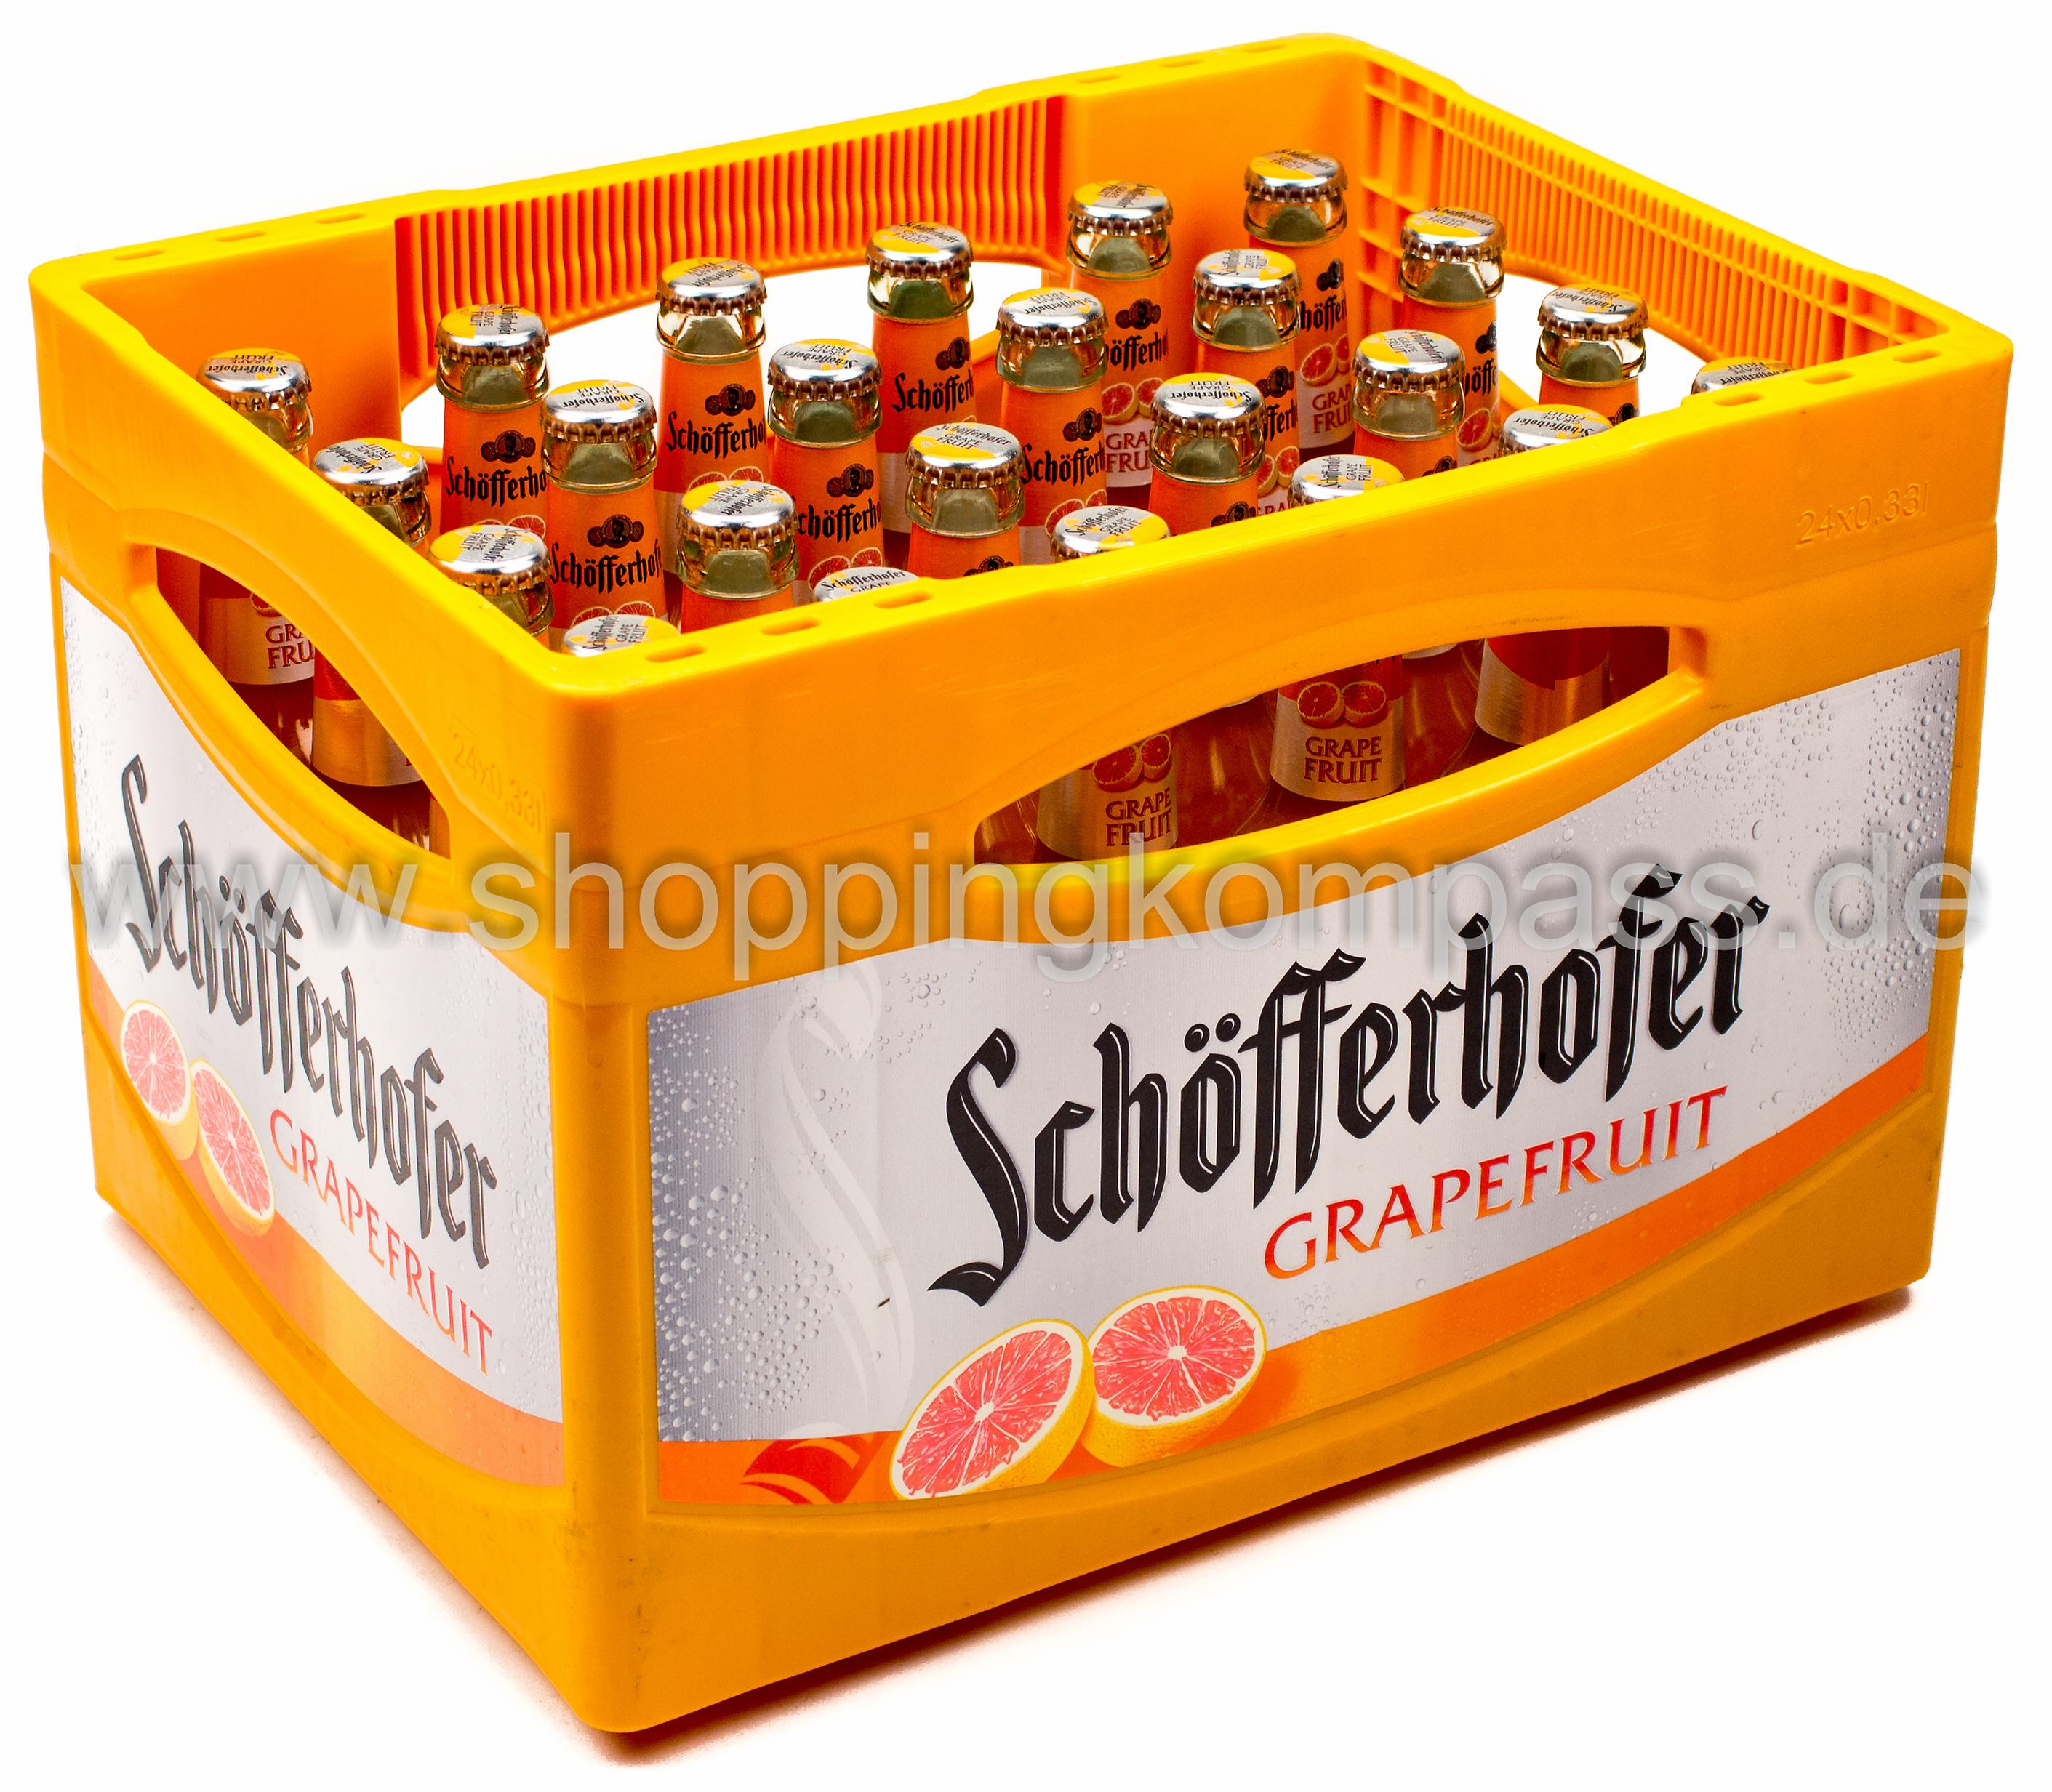 Schöfferhofer Grapefruit Kasten 24 X 033 L Glas Mehrweg